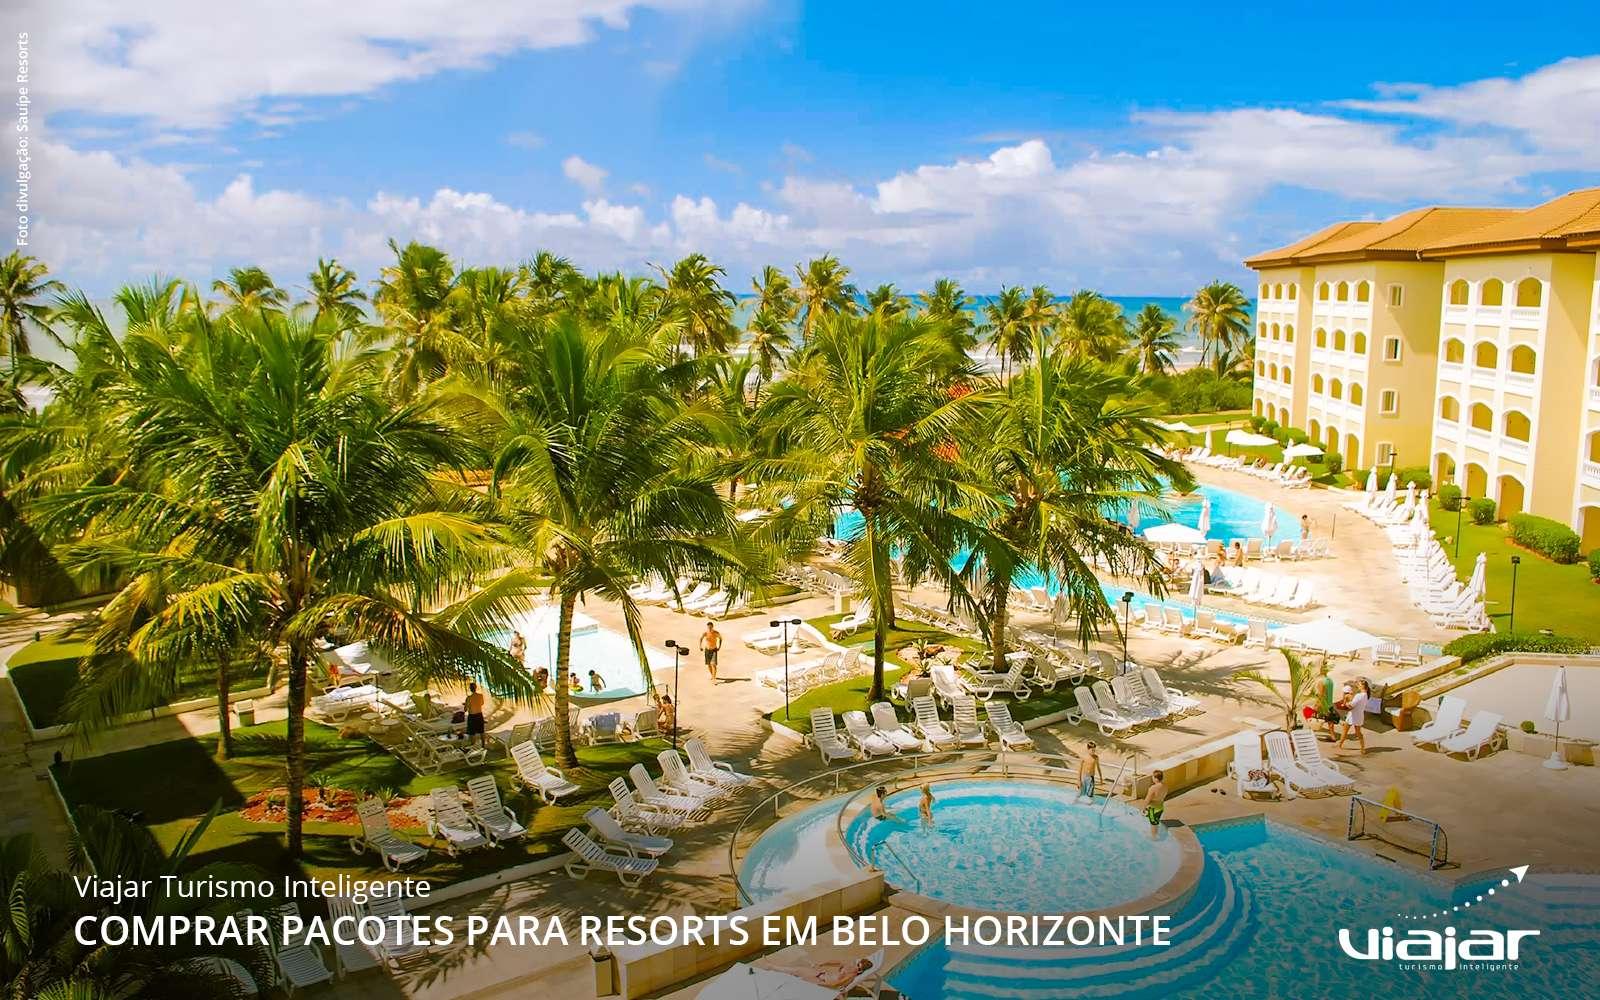 viajar-turismo-inteligente-comprar-pacotes-resorts-belo-horizonte-minas-gerais-05-2